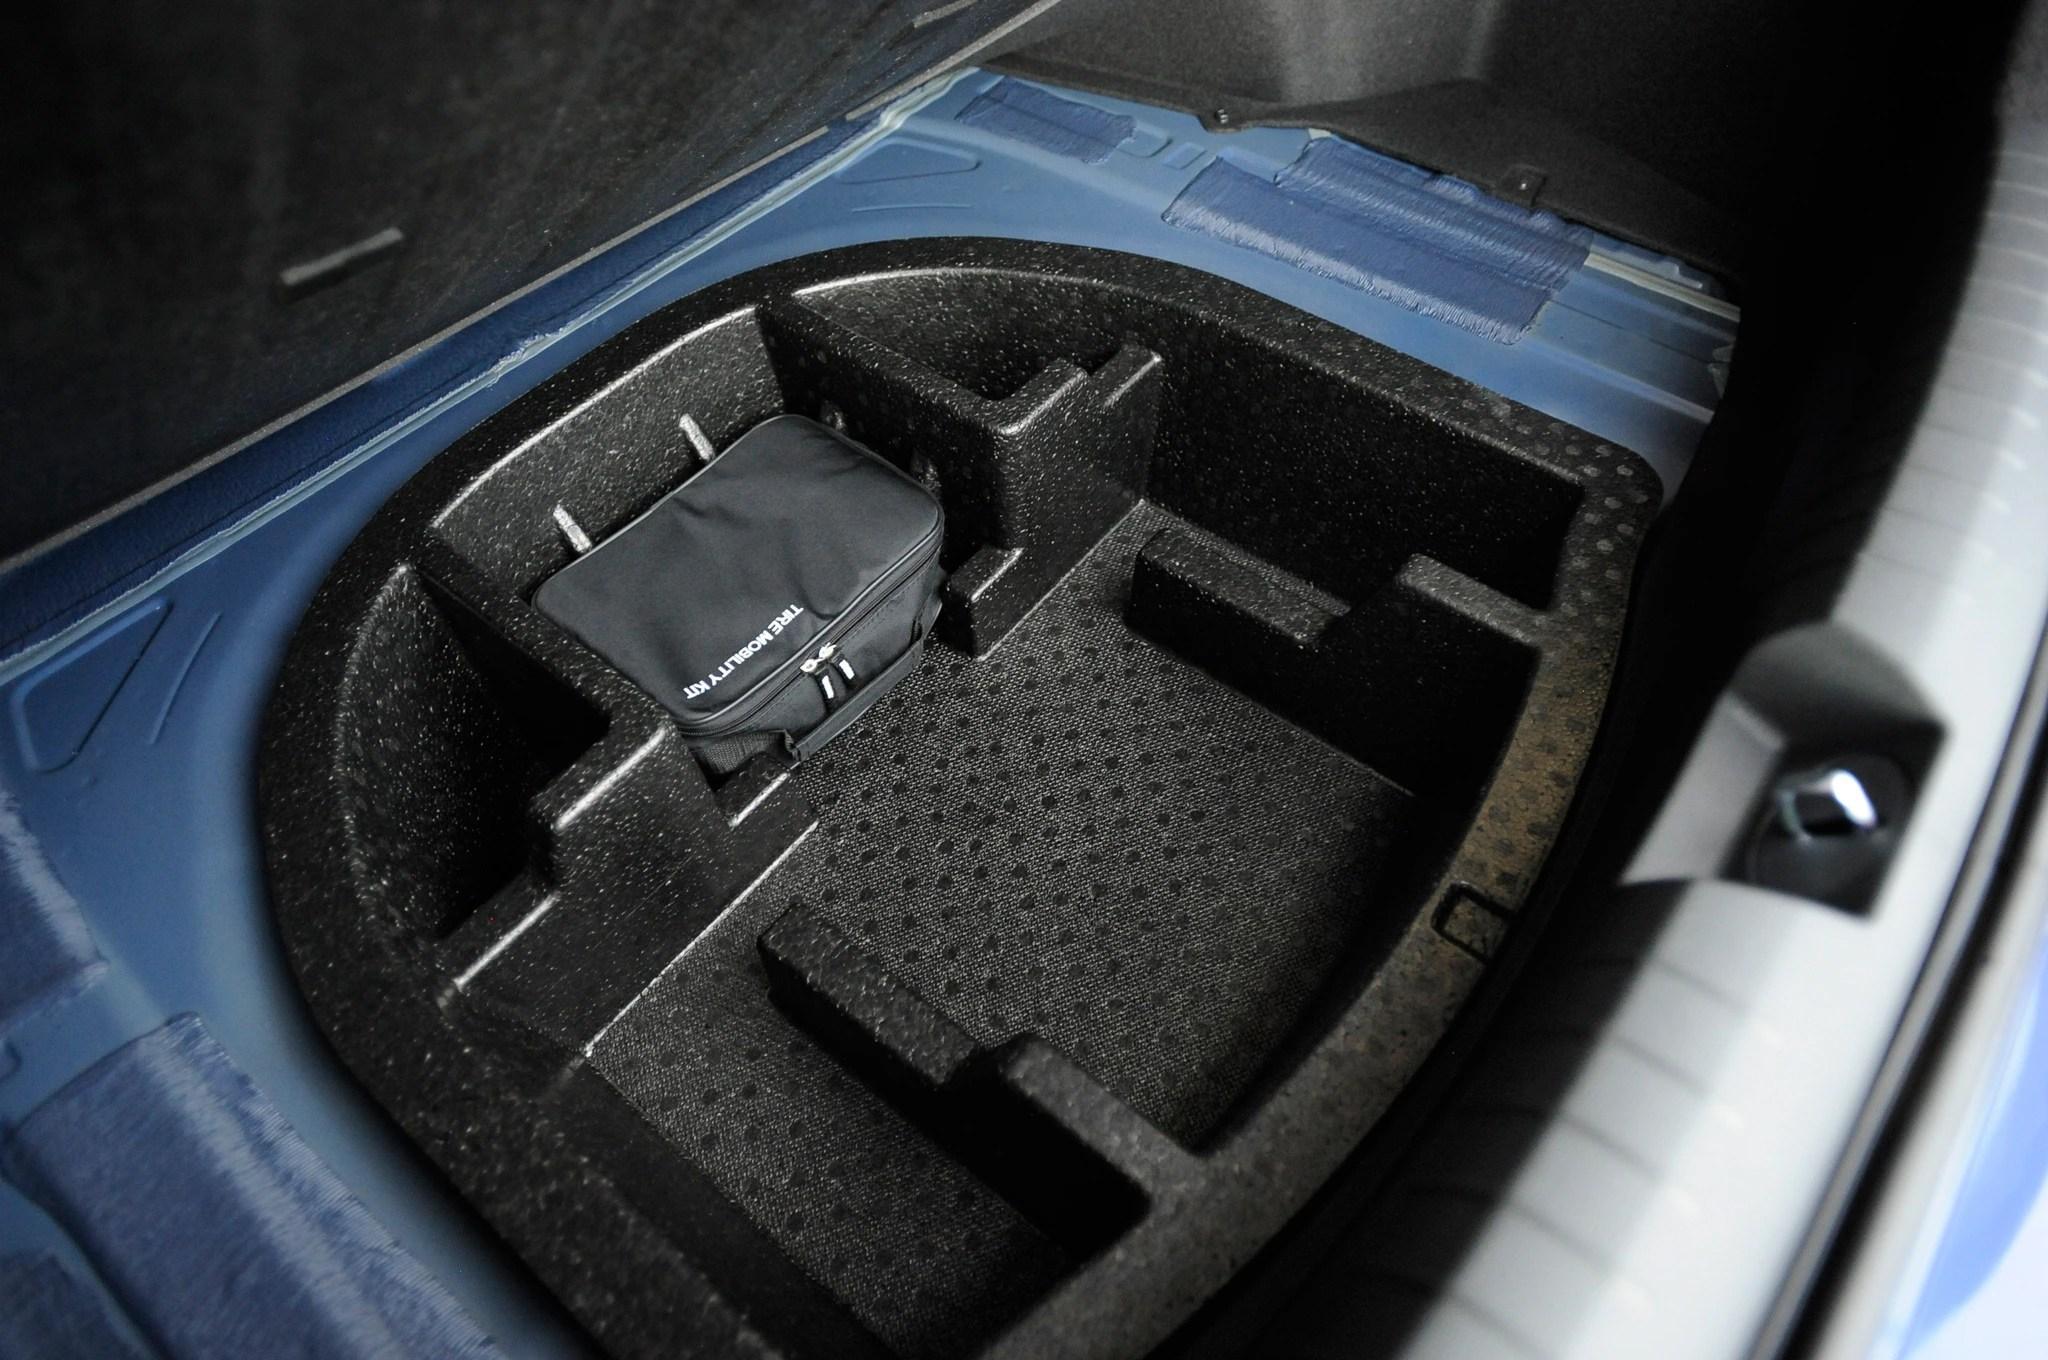 2015 Hyundai Sonata Eco Rear Spare Tire Motor Trend En